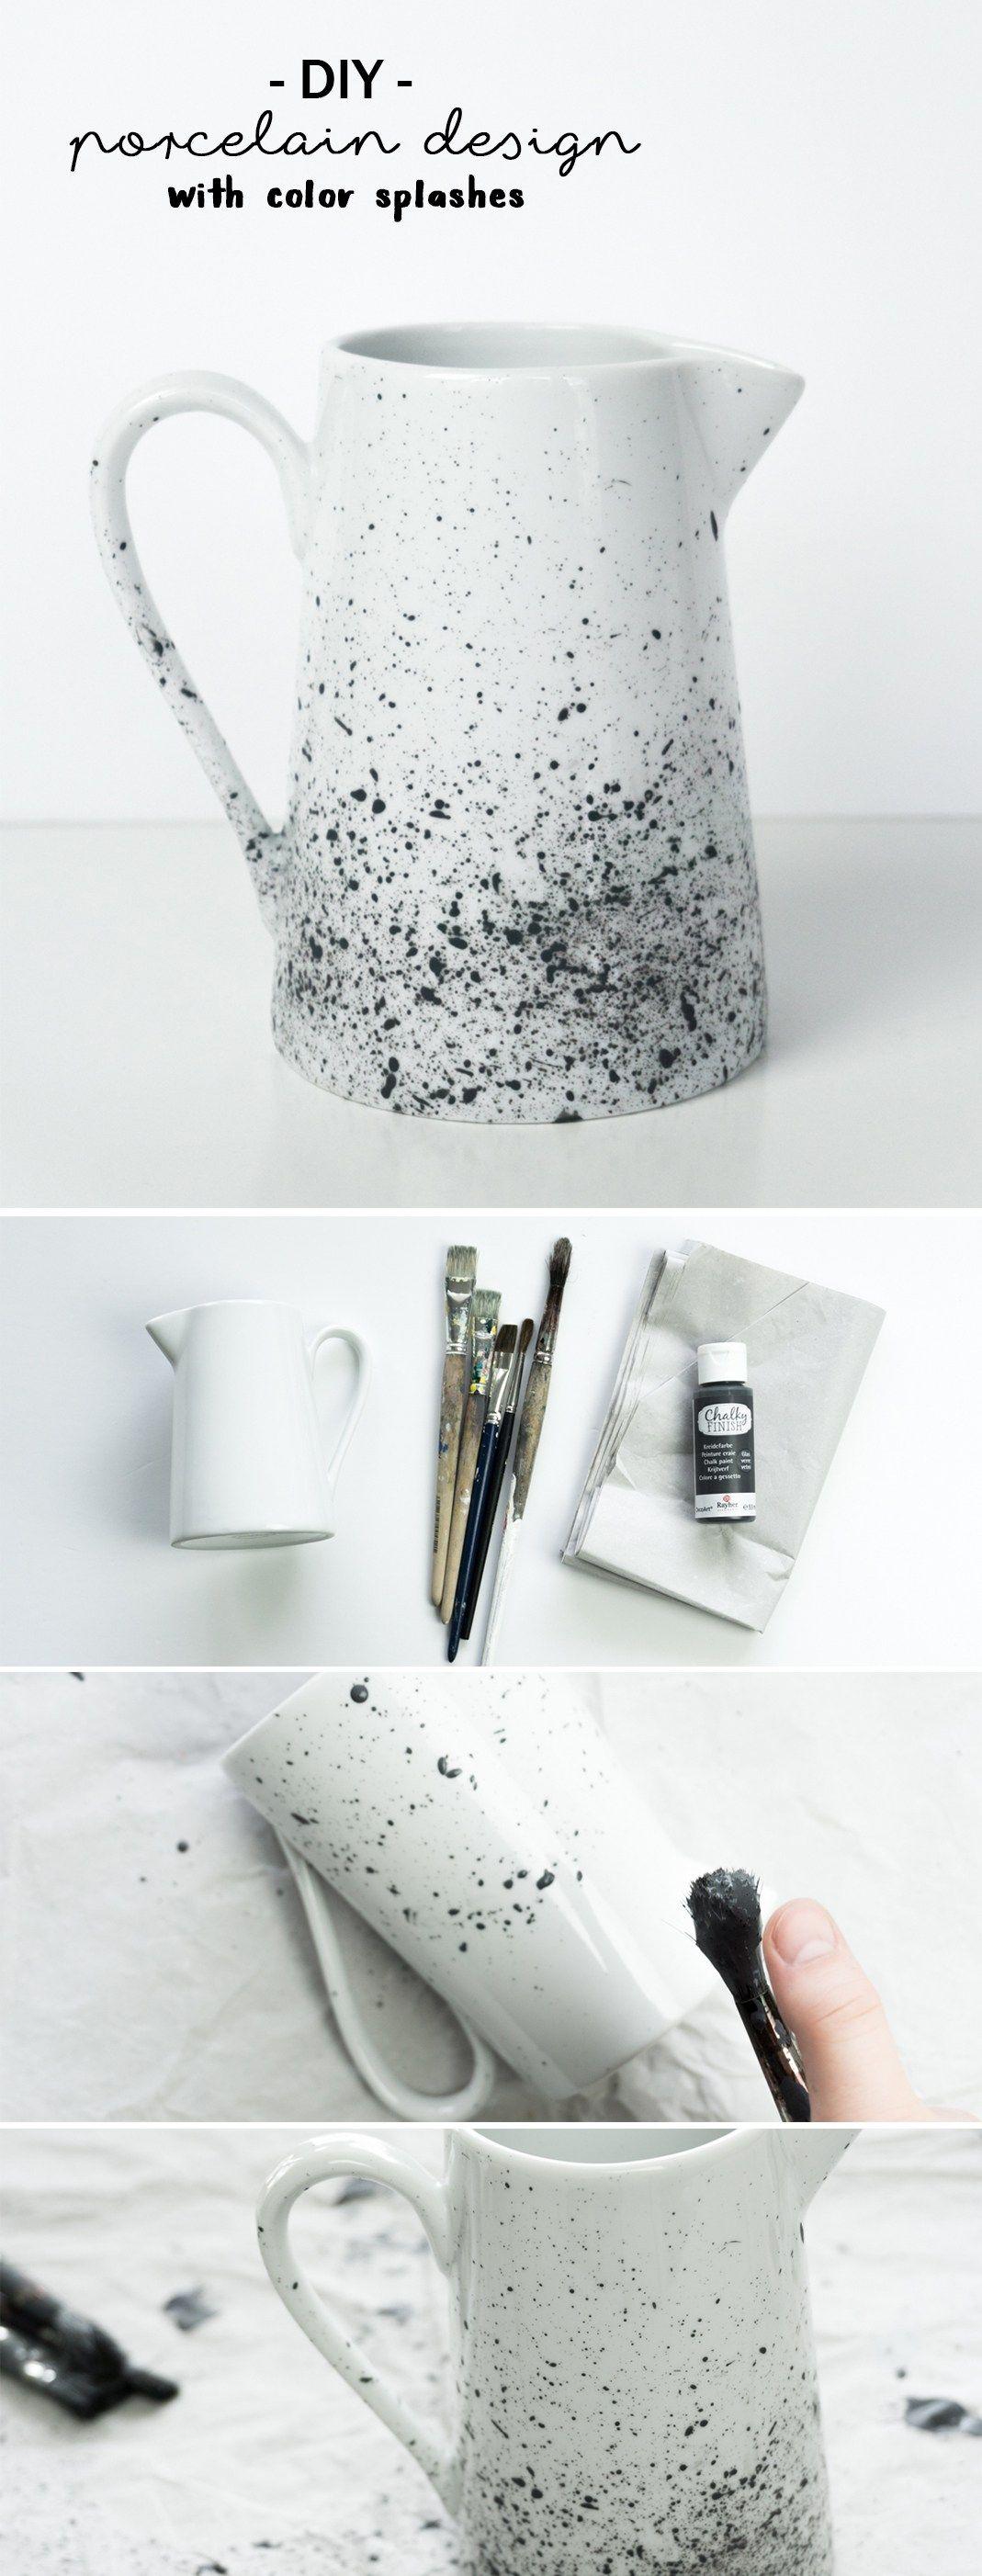 DIY Porzellan mit Farbspritzer gestalten - Tutorial/Anleitung